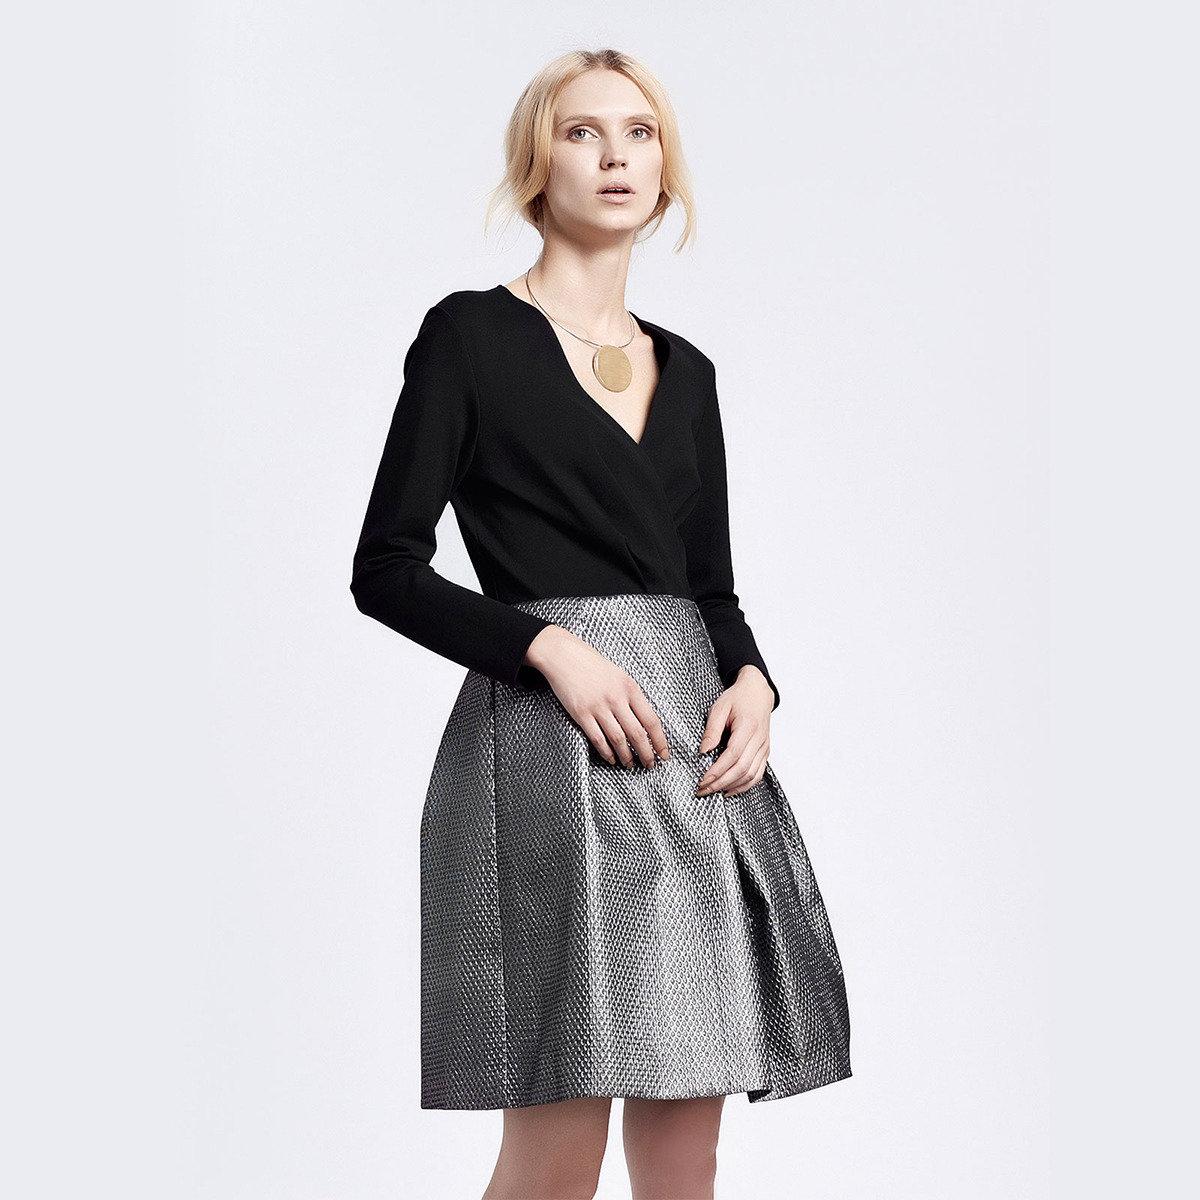 銀黑色提花立體裙擺V領連身裙